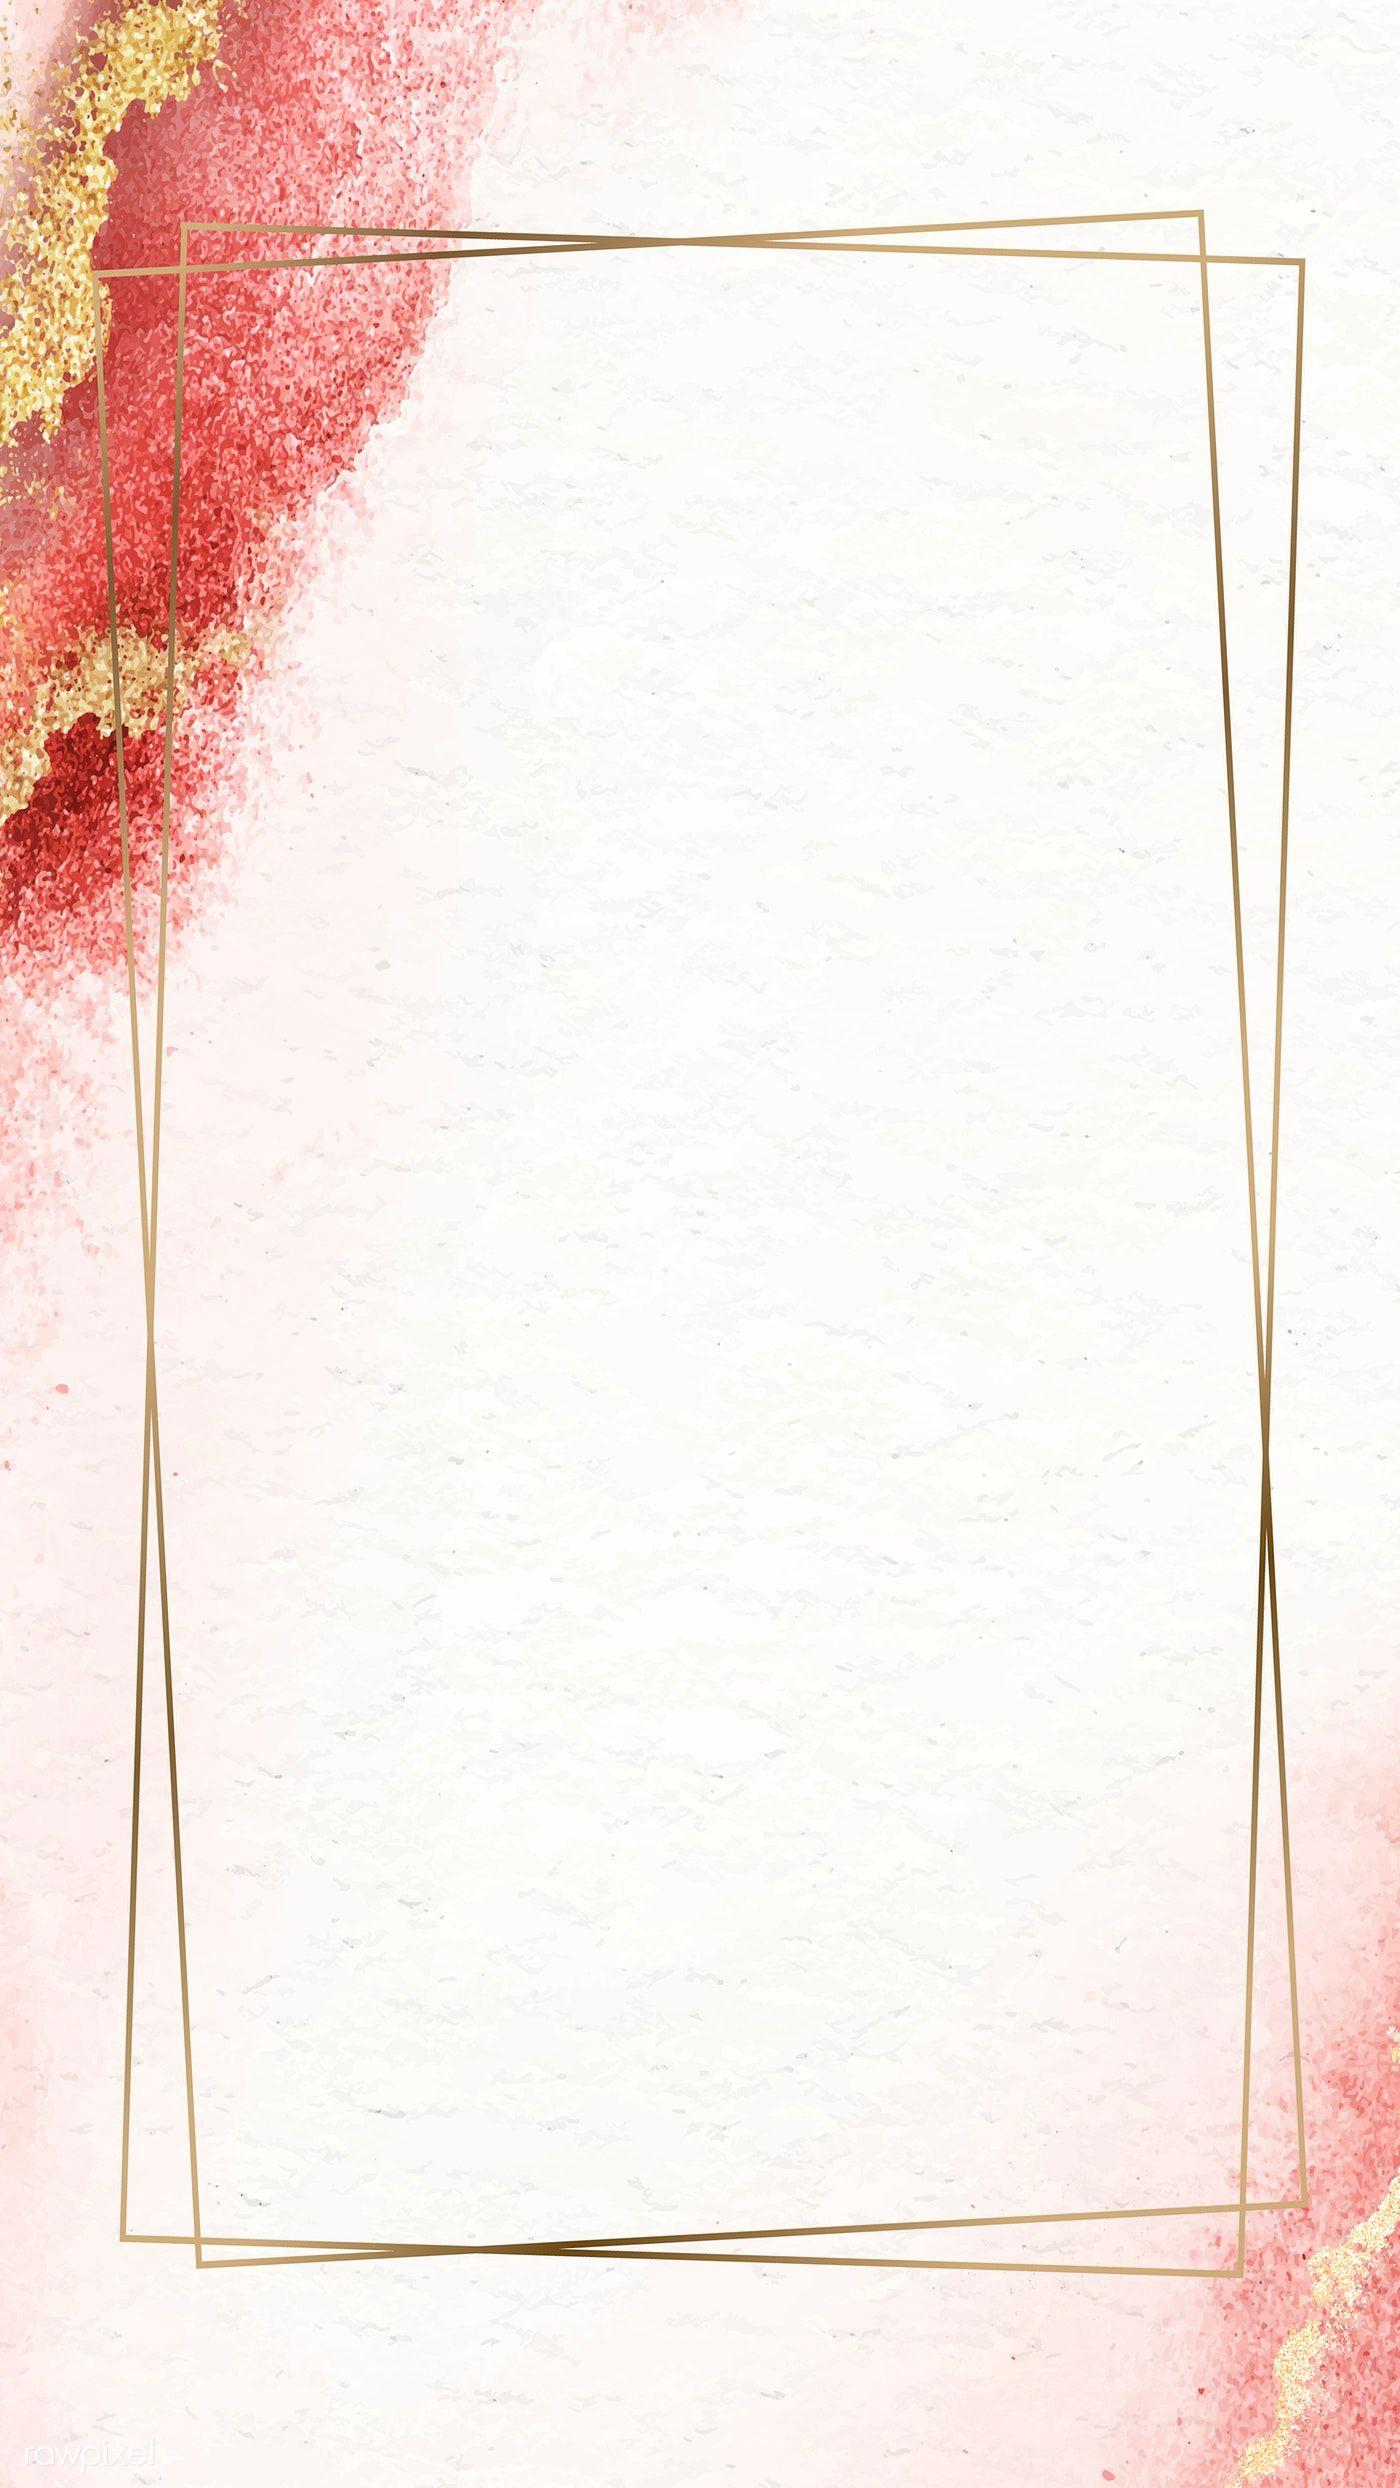 Download Premium Vector Of Rectangle Golden Vintage Frame Design Poster Background Design Flower Background Wallpaper Frame Border Design